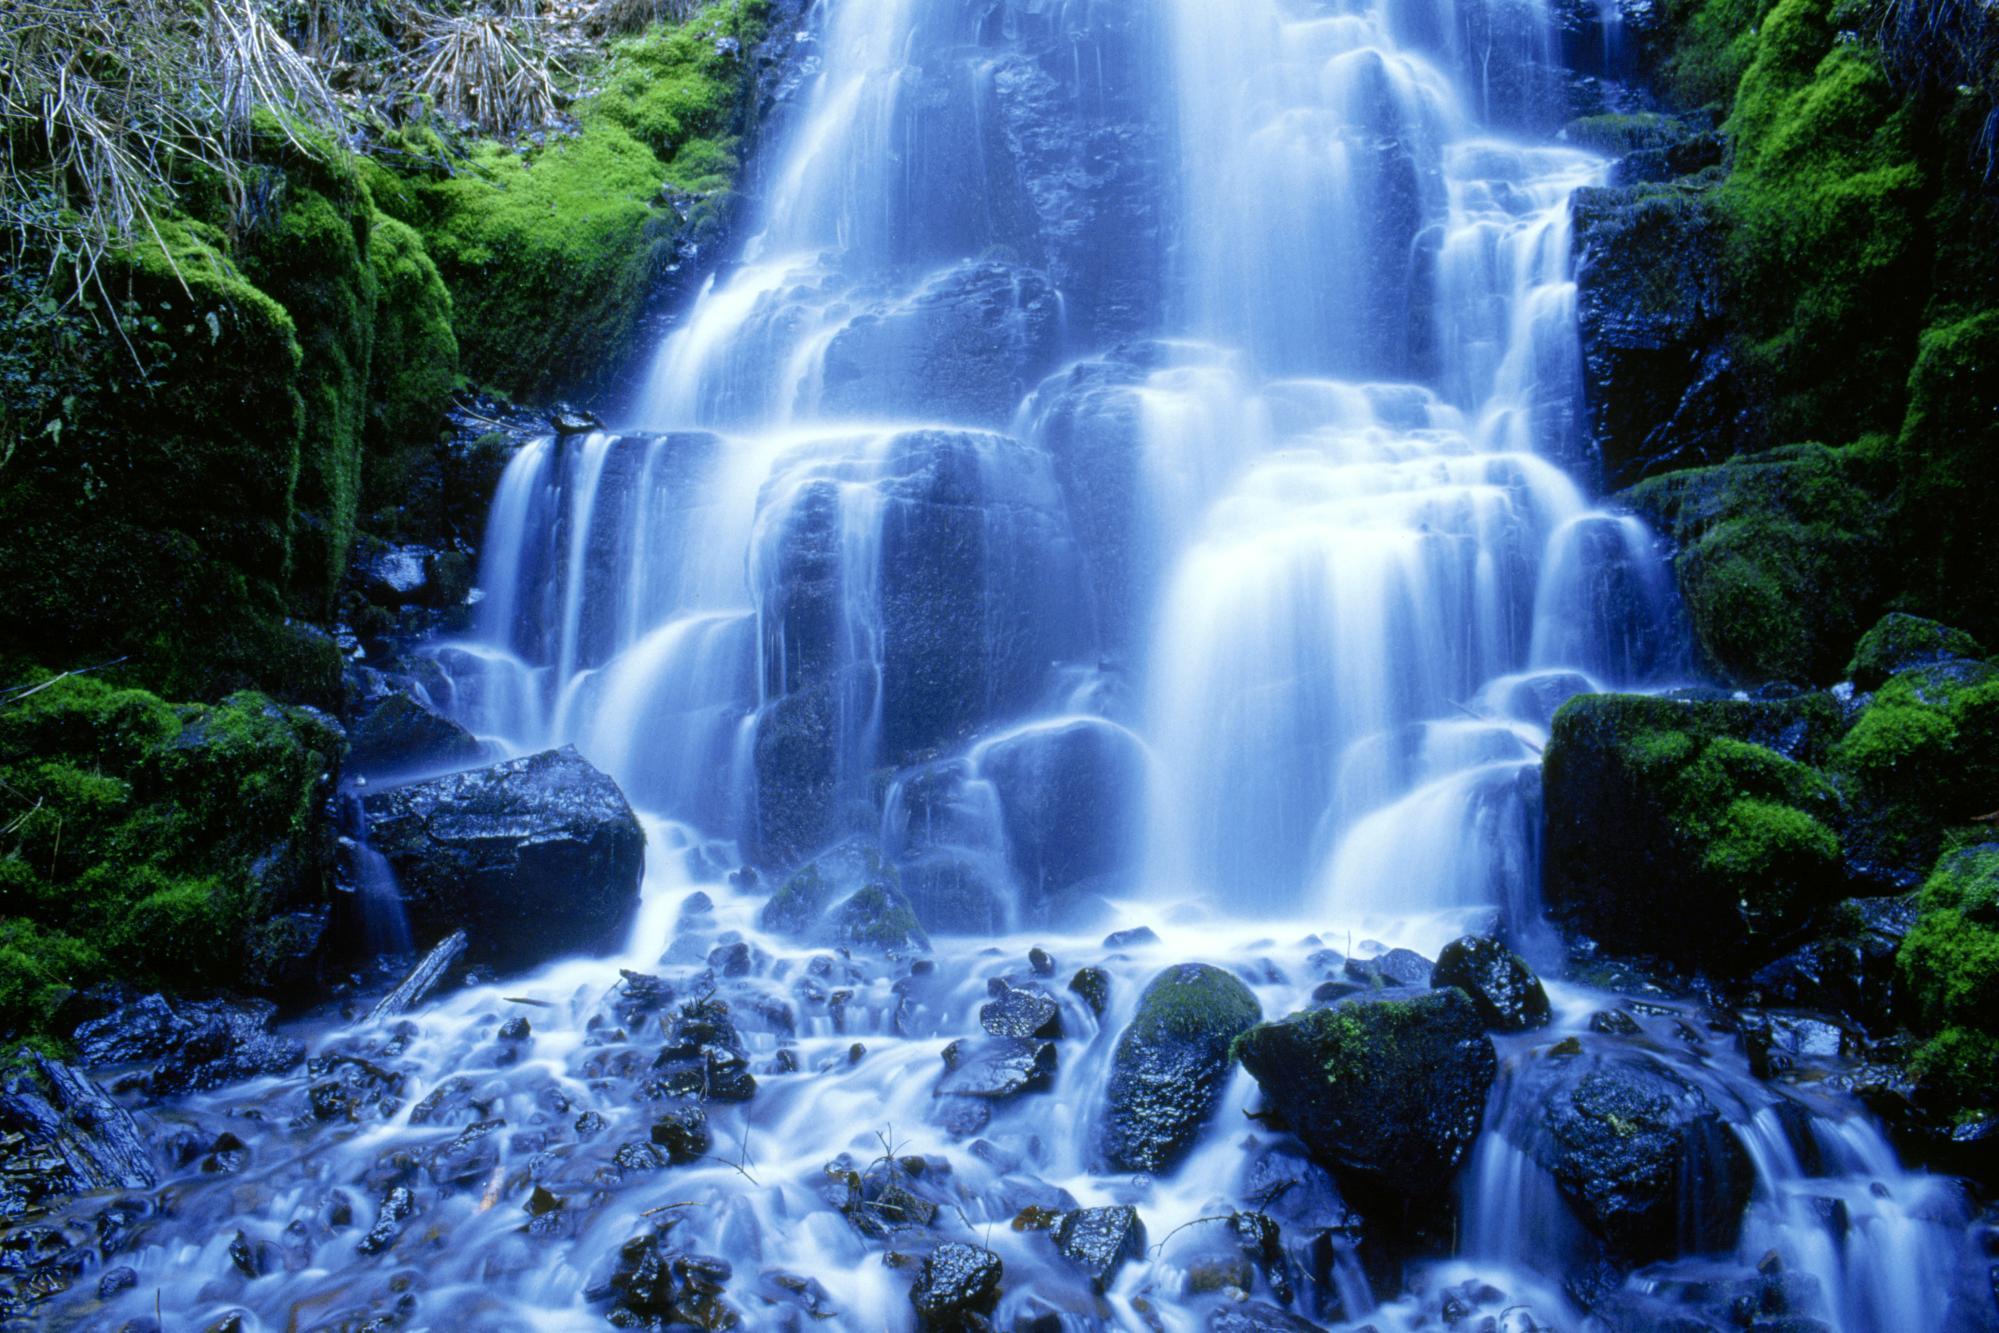 بالصور صور طبيعة جميلة , اجمل المناظر الطبيعيه الخلابة 505 10